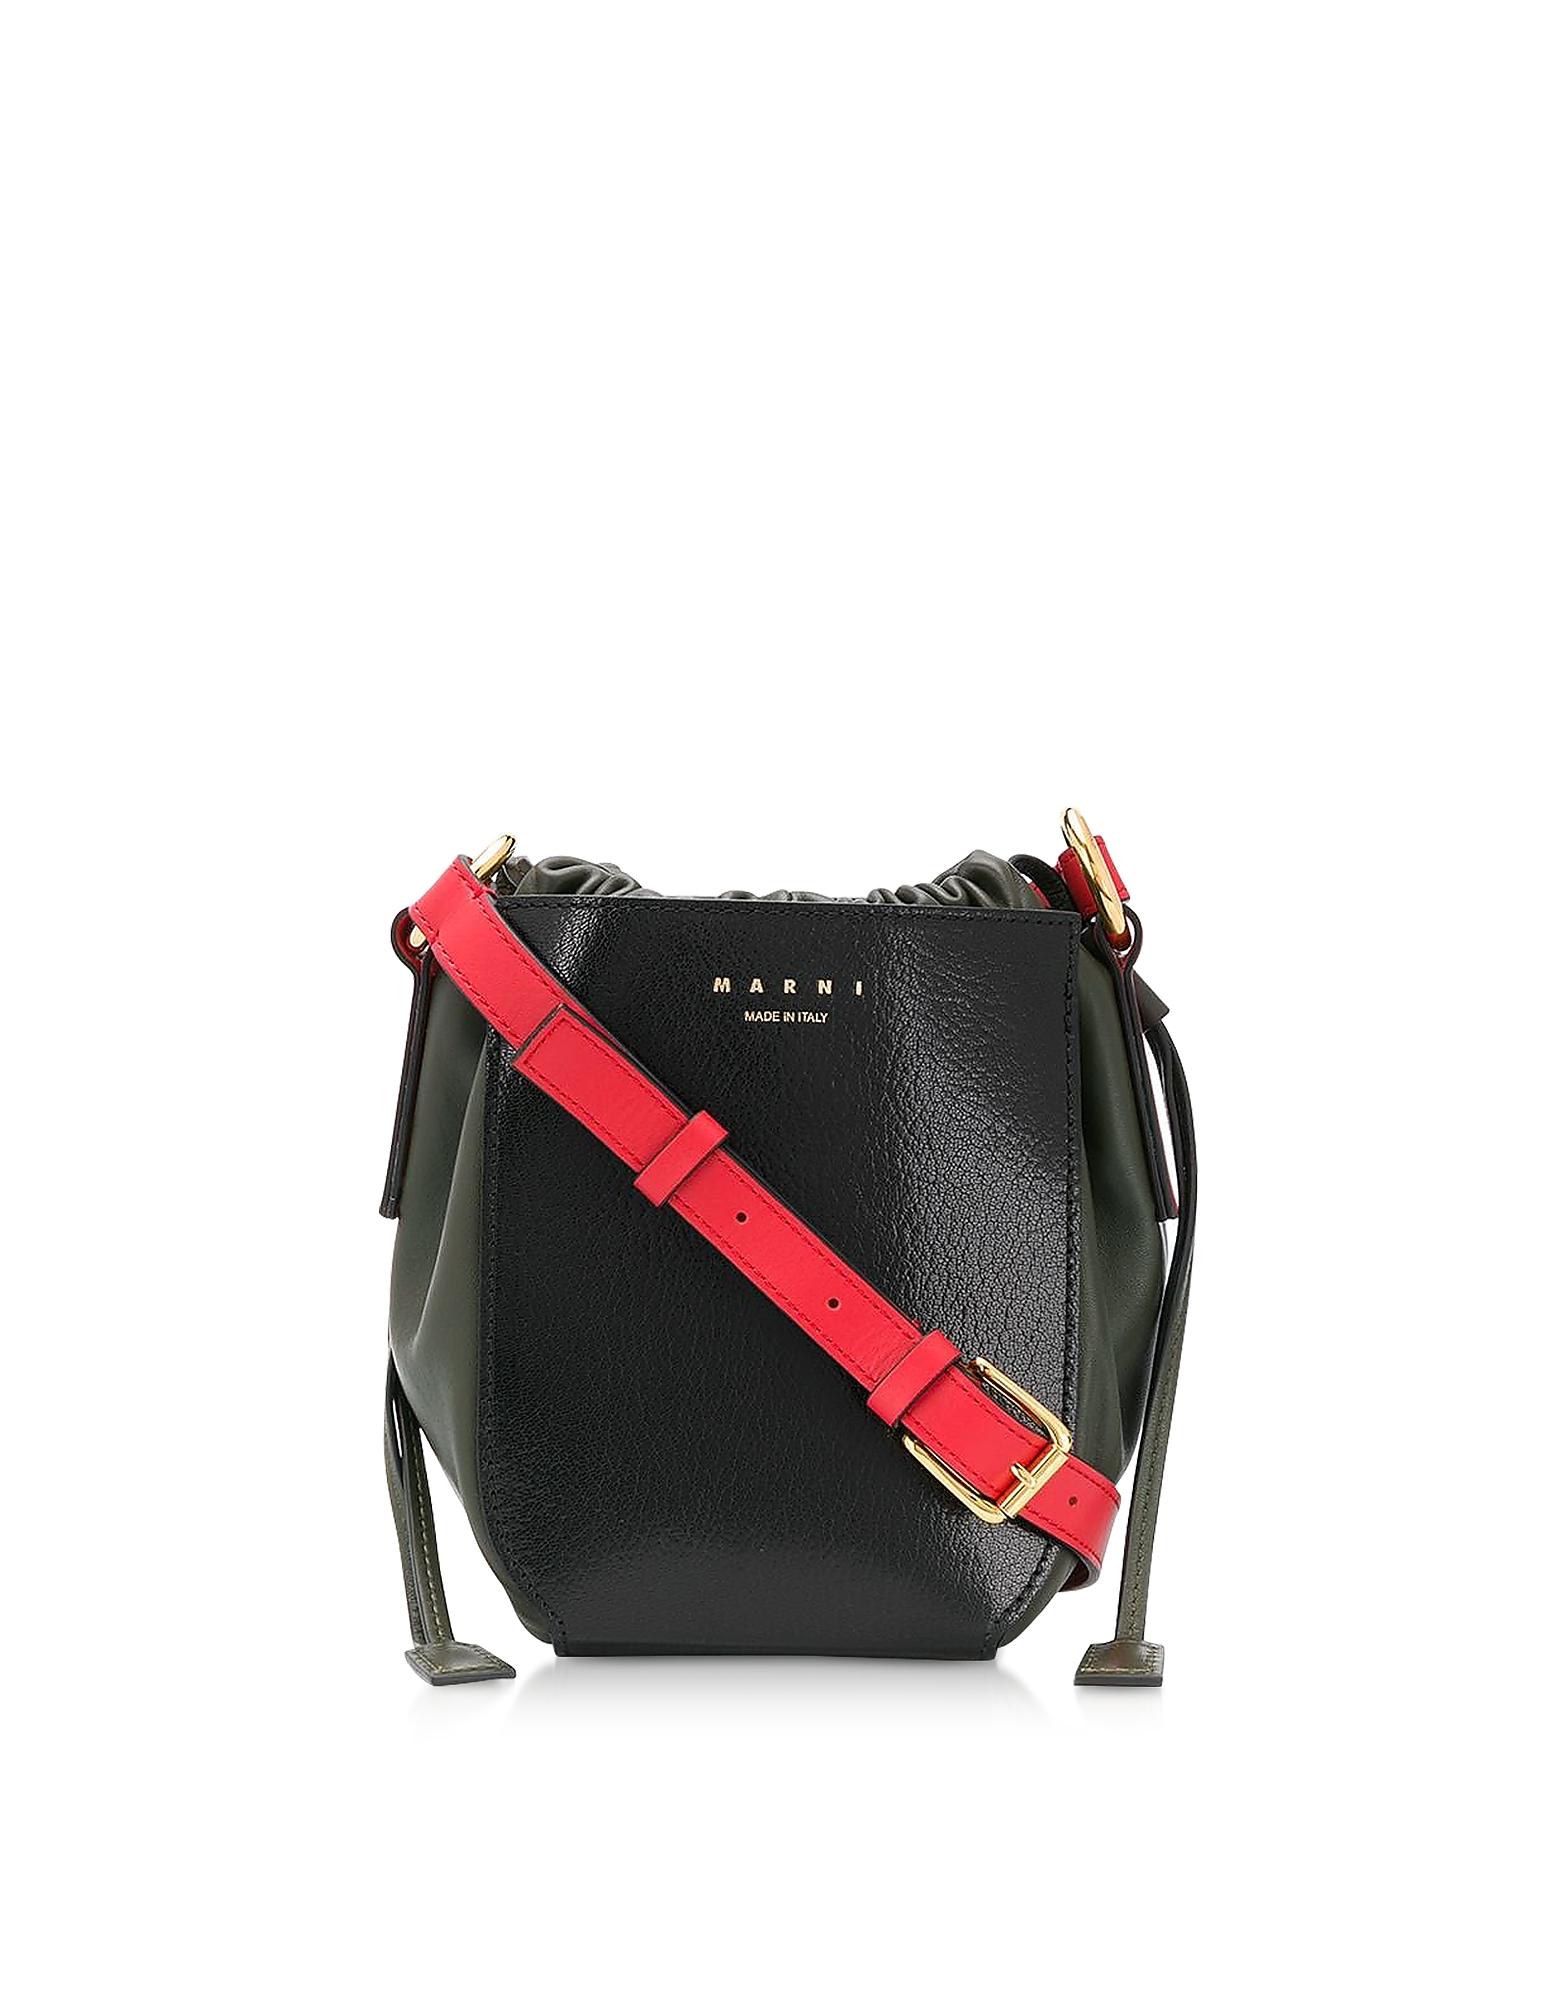 Marni Designer Handbags, Color Block Leather Shoulder Bag